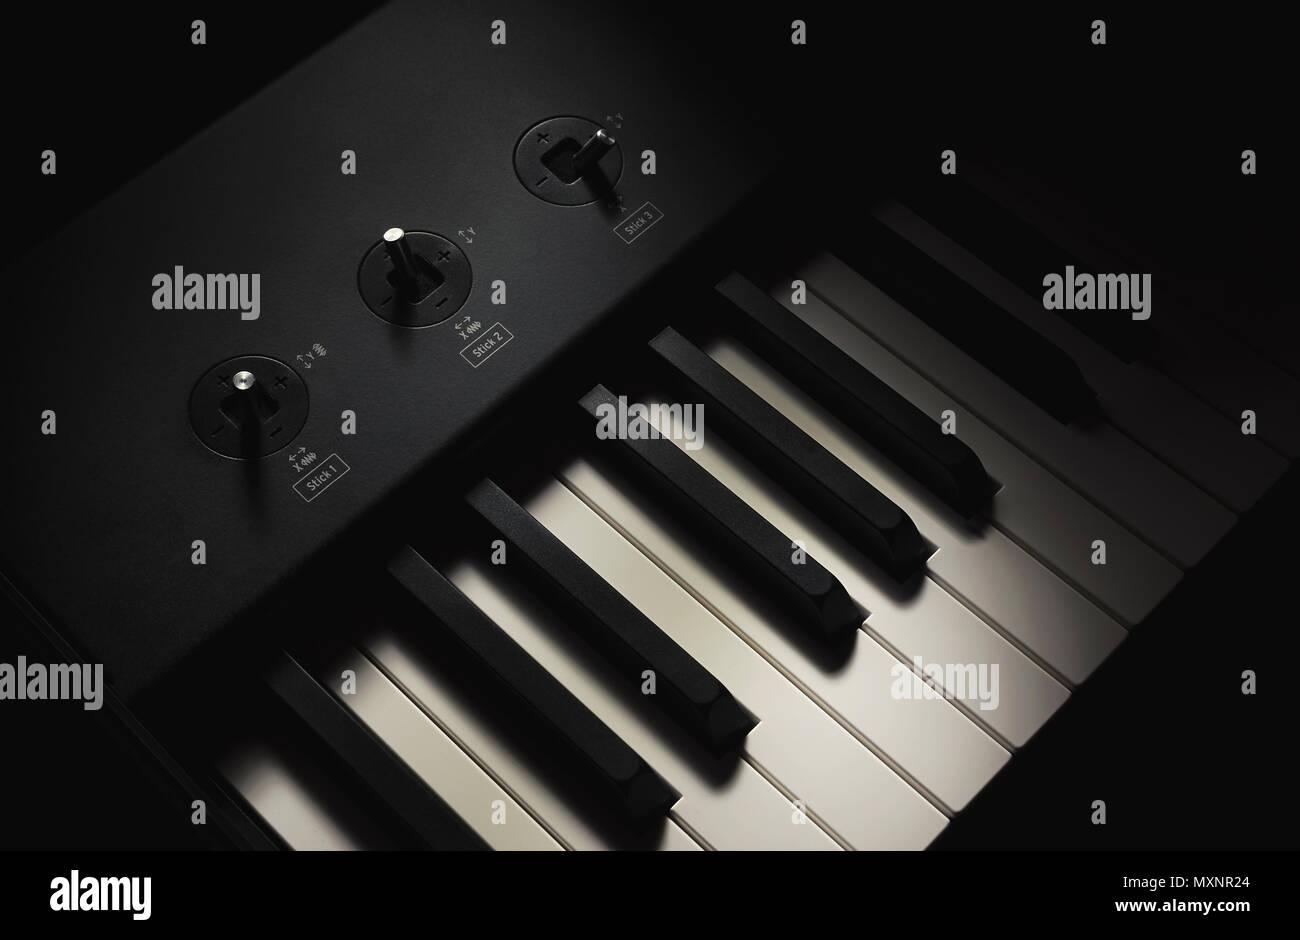 Teclas en blanco y negro y el controlador se atasca, la parte moderna de teclado midi. Foto de stock